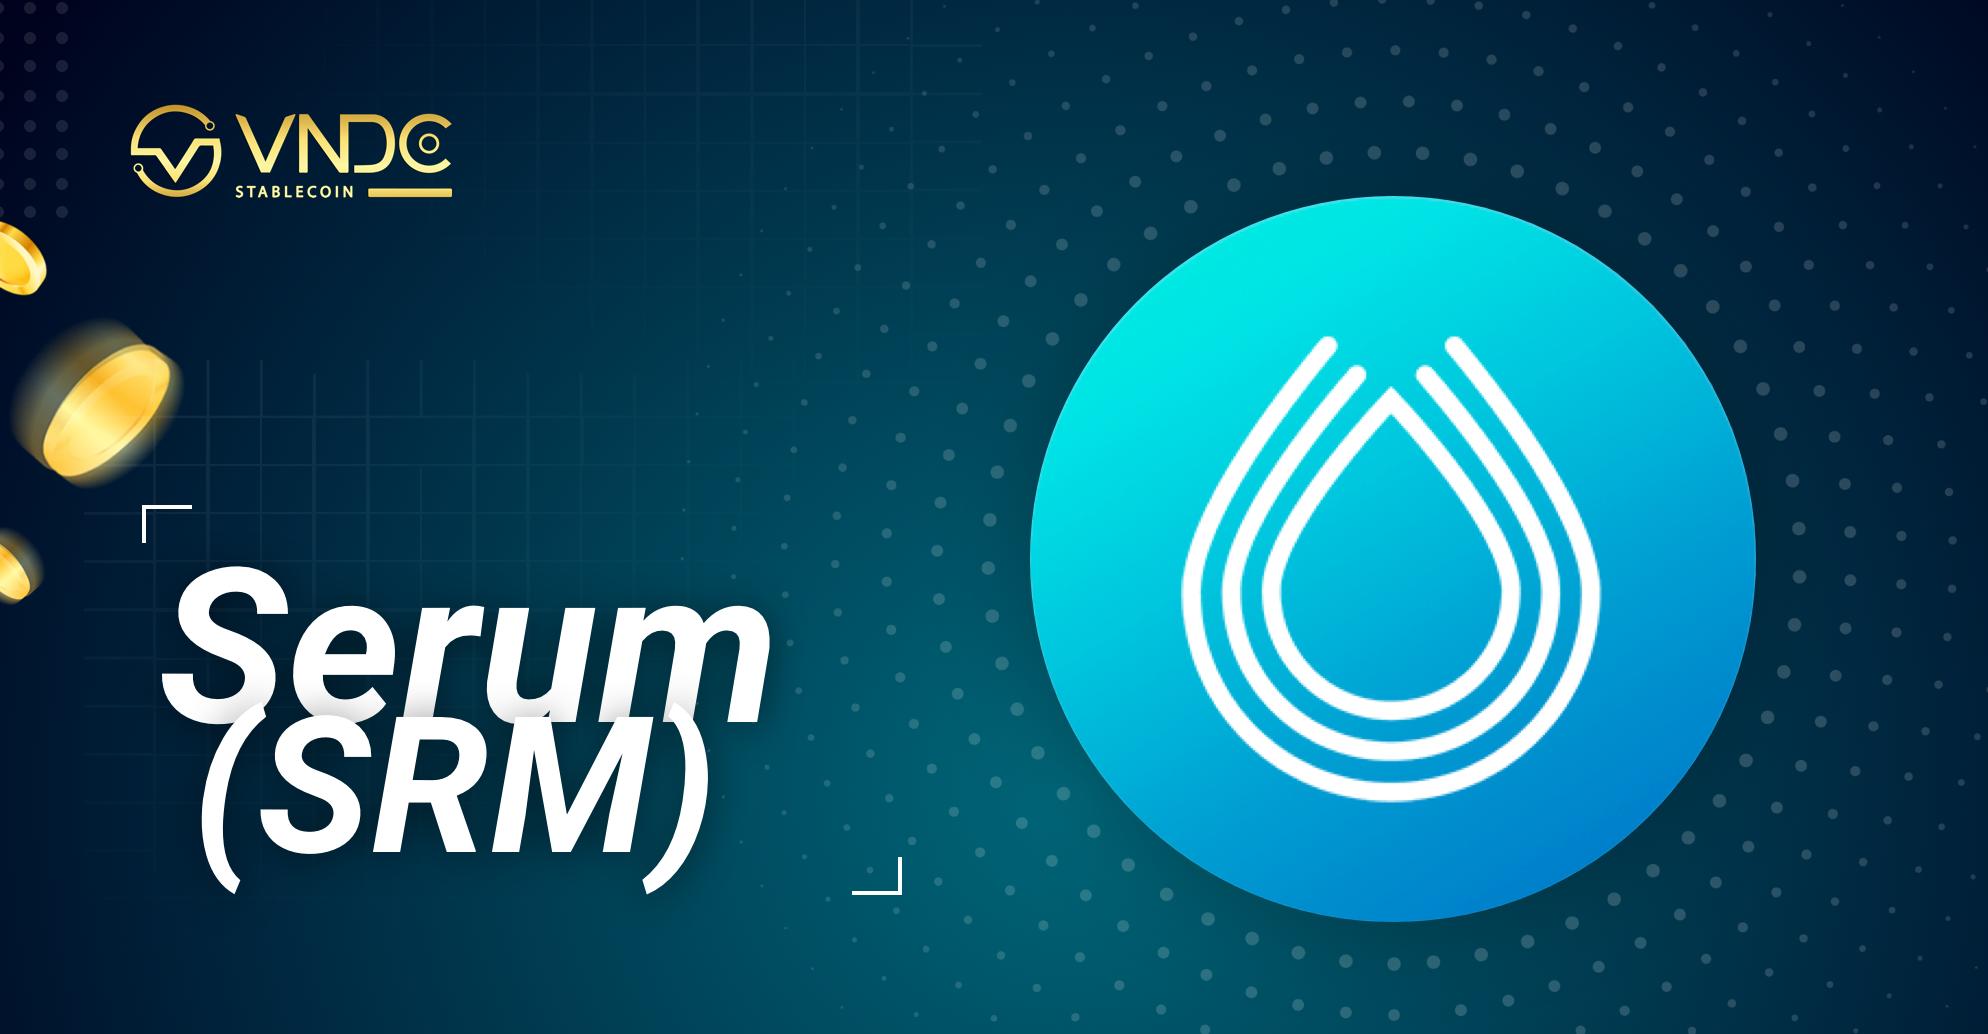 Serum (SRM) là gì? Những điều cần biết về tiền điện tử SRM?